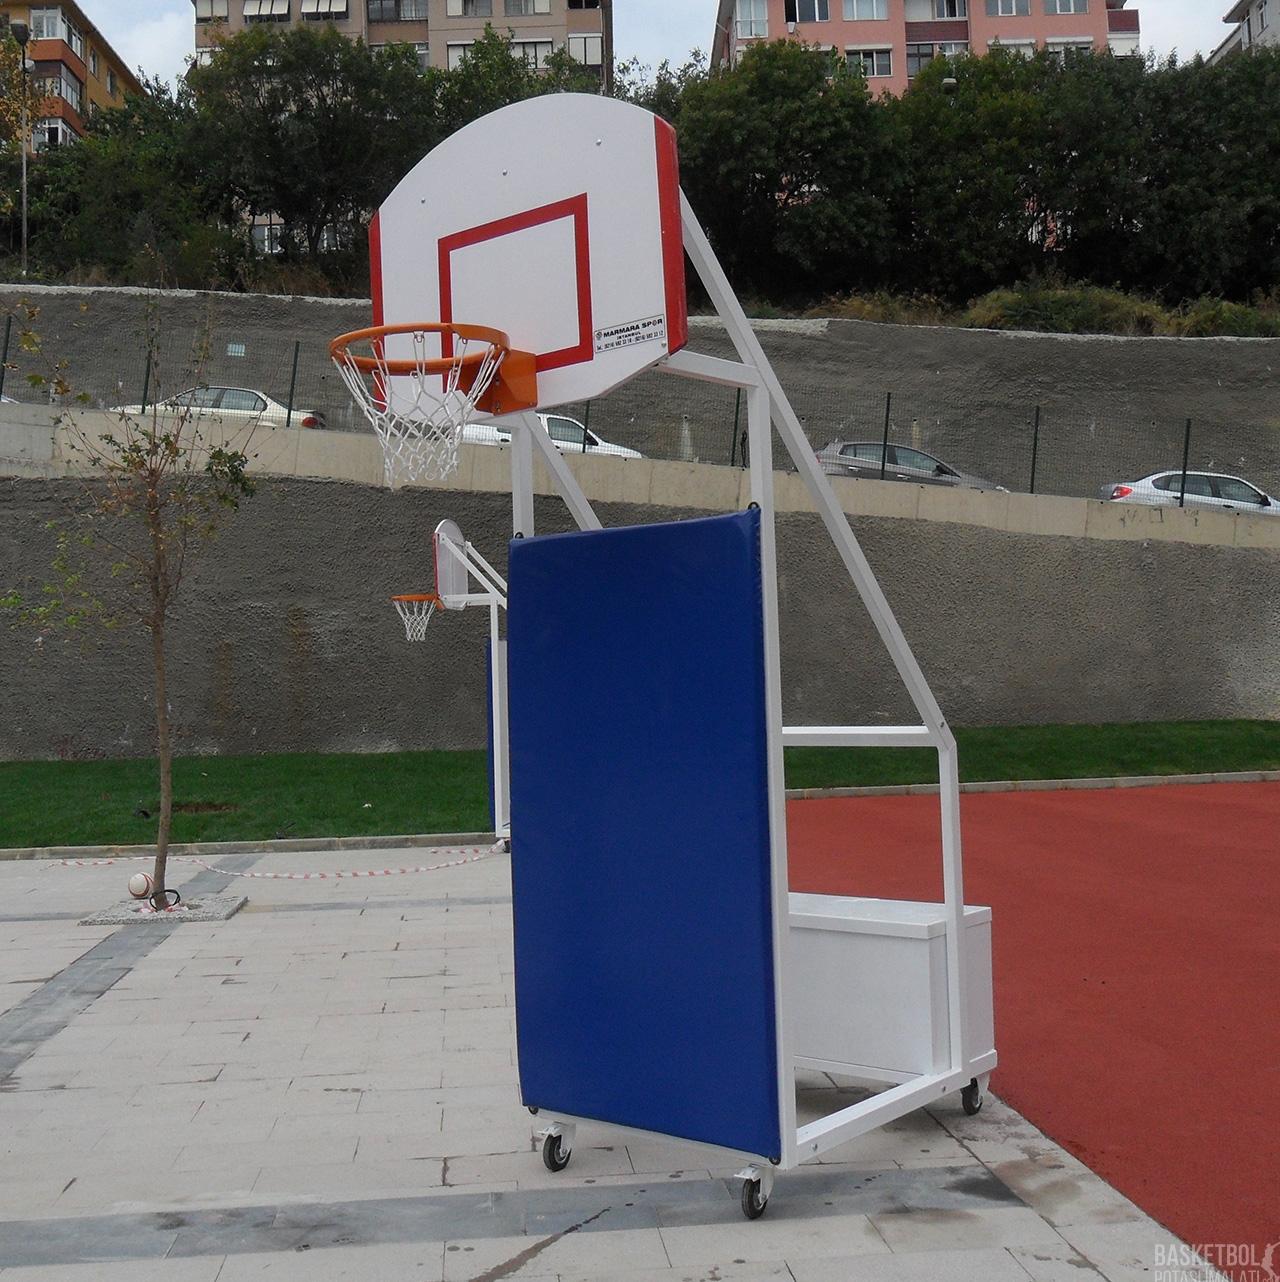 [MS612] Dört Ayaklı Seyyar USA Panyalı Koruyucu Döşemeli Basketbol Potası